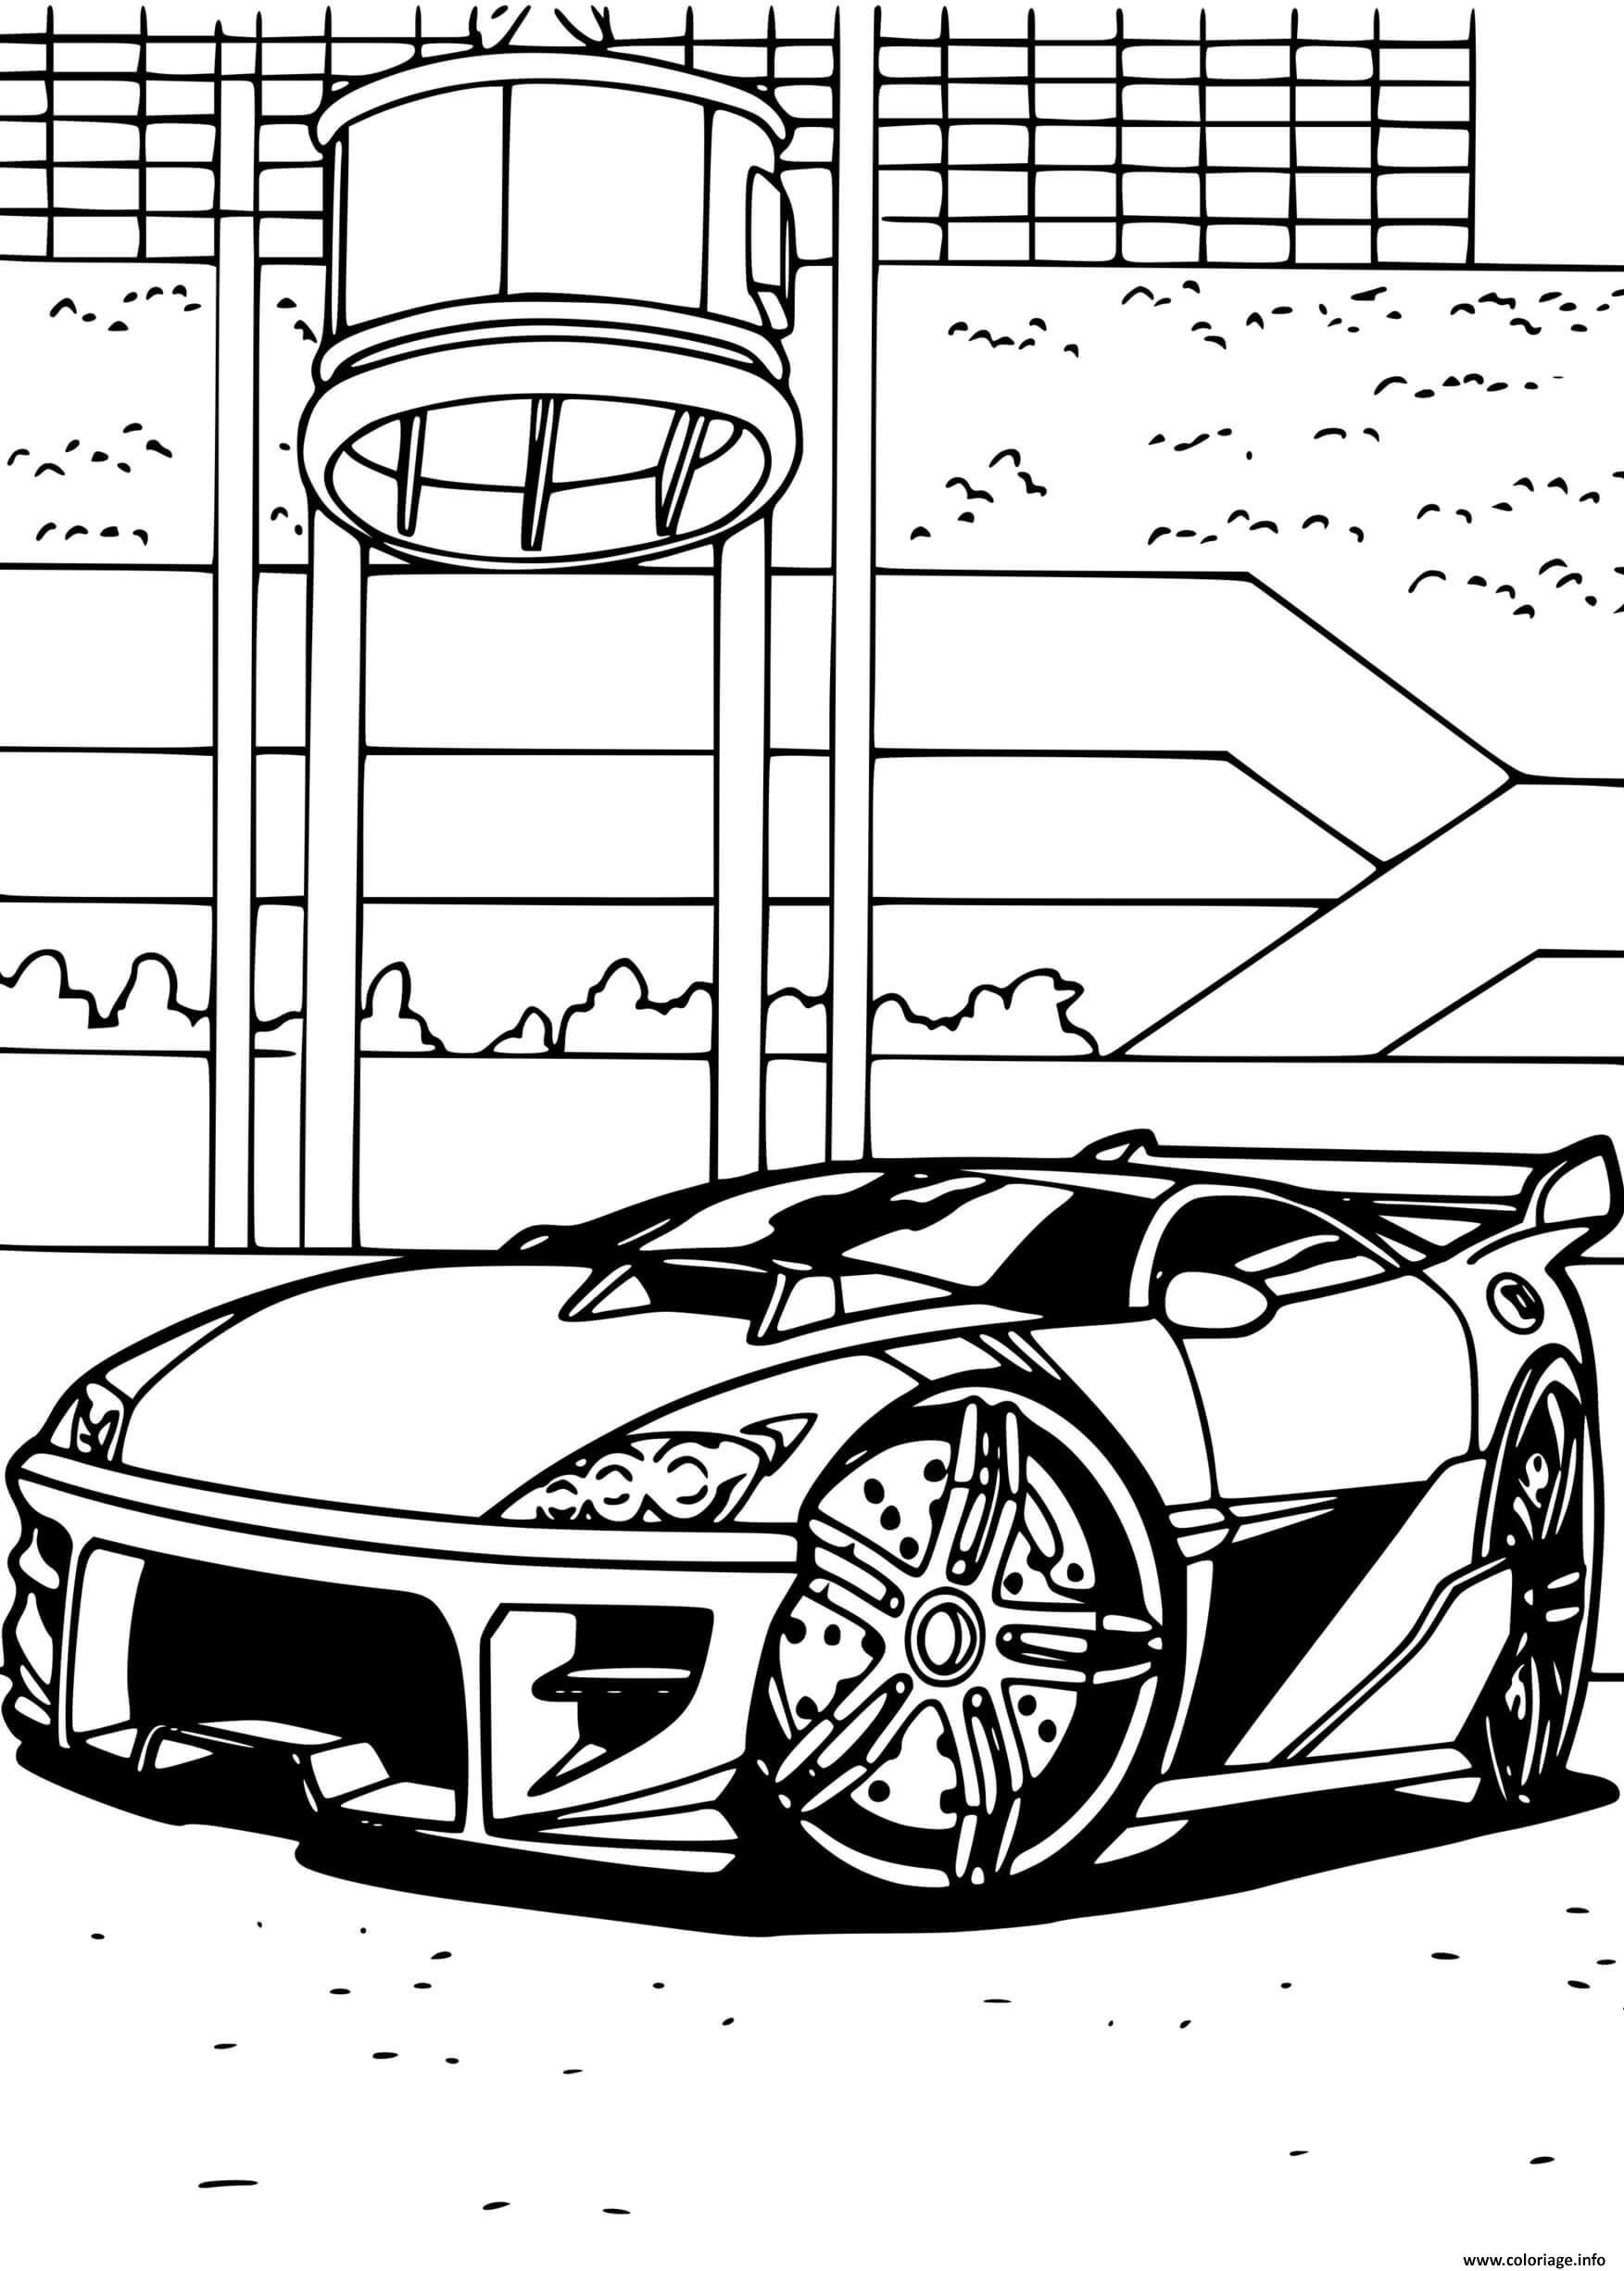 Dessin Hot Wheels Heavy Chevy voiture Coloriage Gratuit à Imprimer